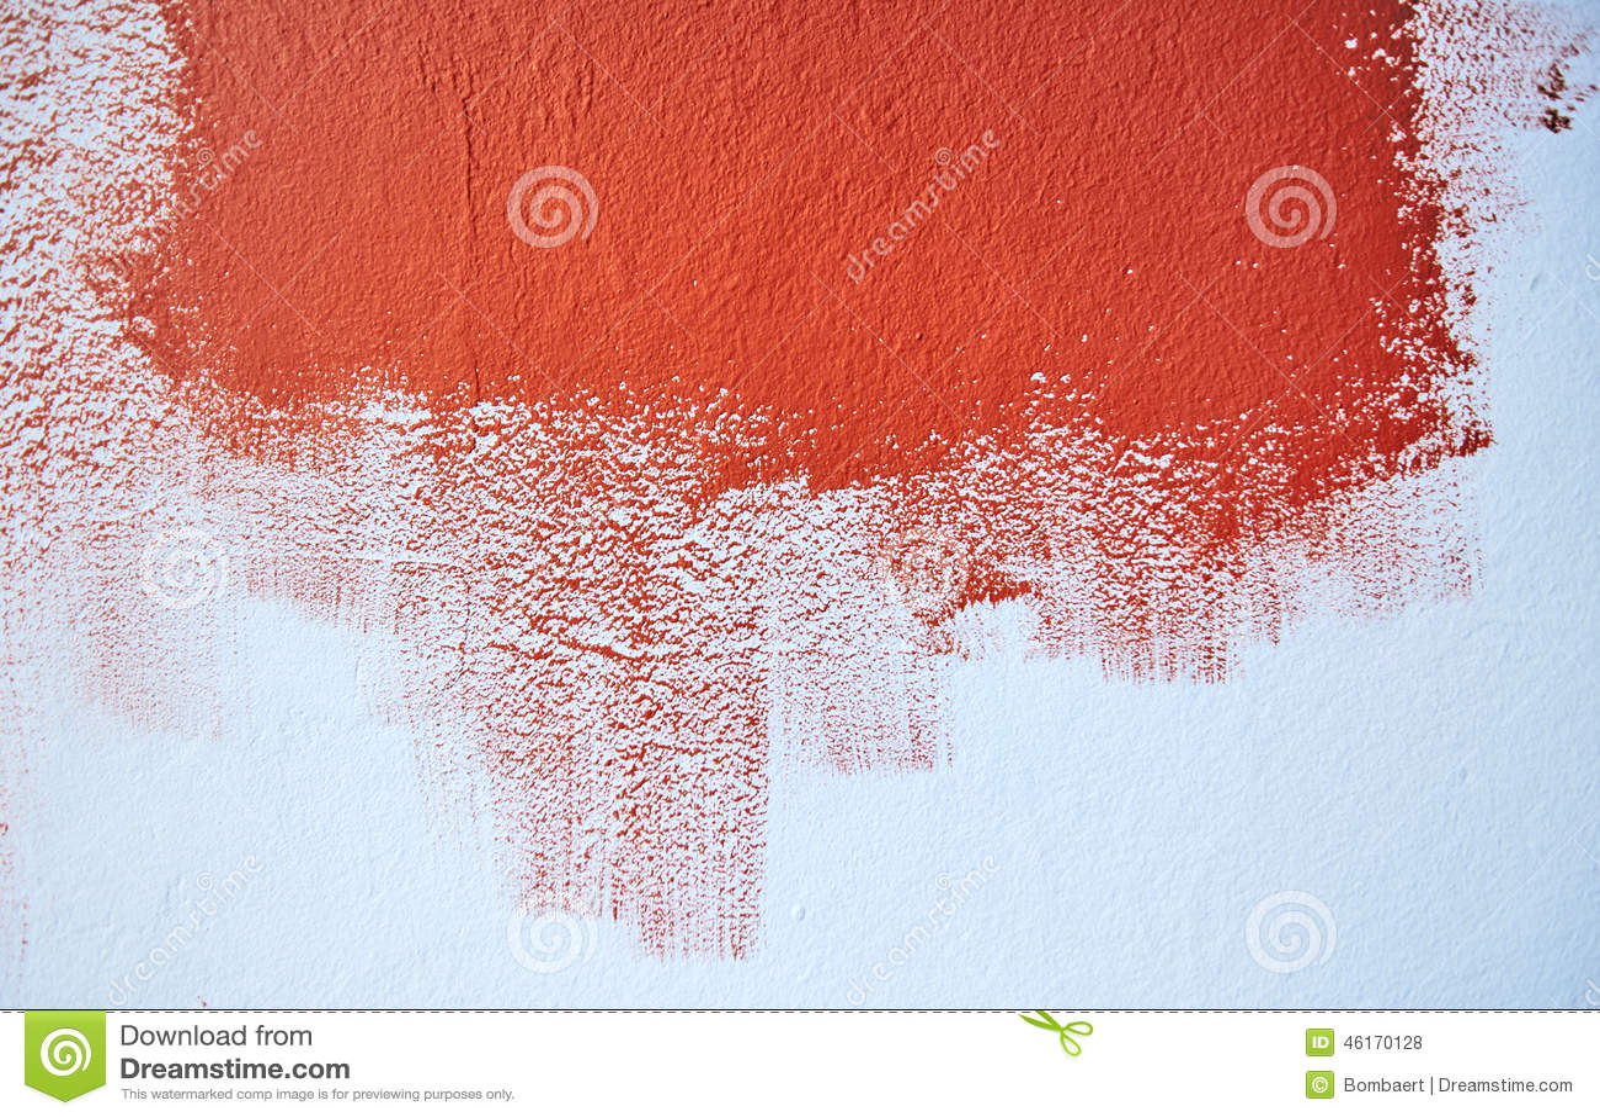 Het Schilderen Van De Blauwe Muur Met Rode Kleur Stock Foto ...